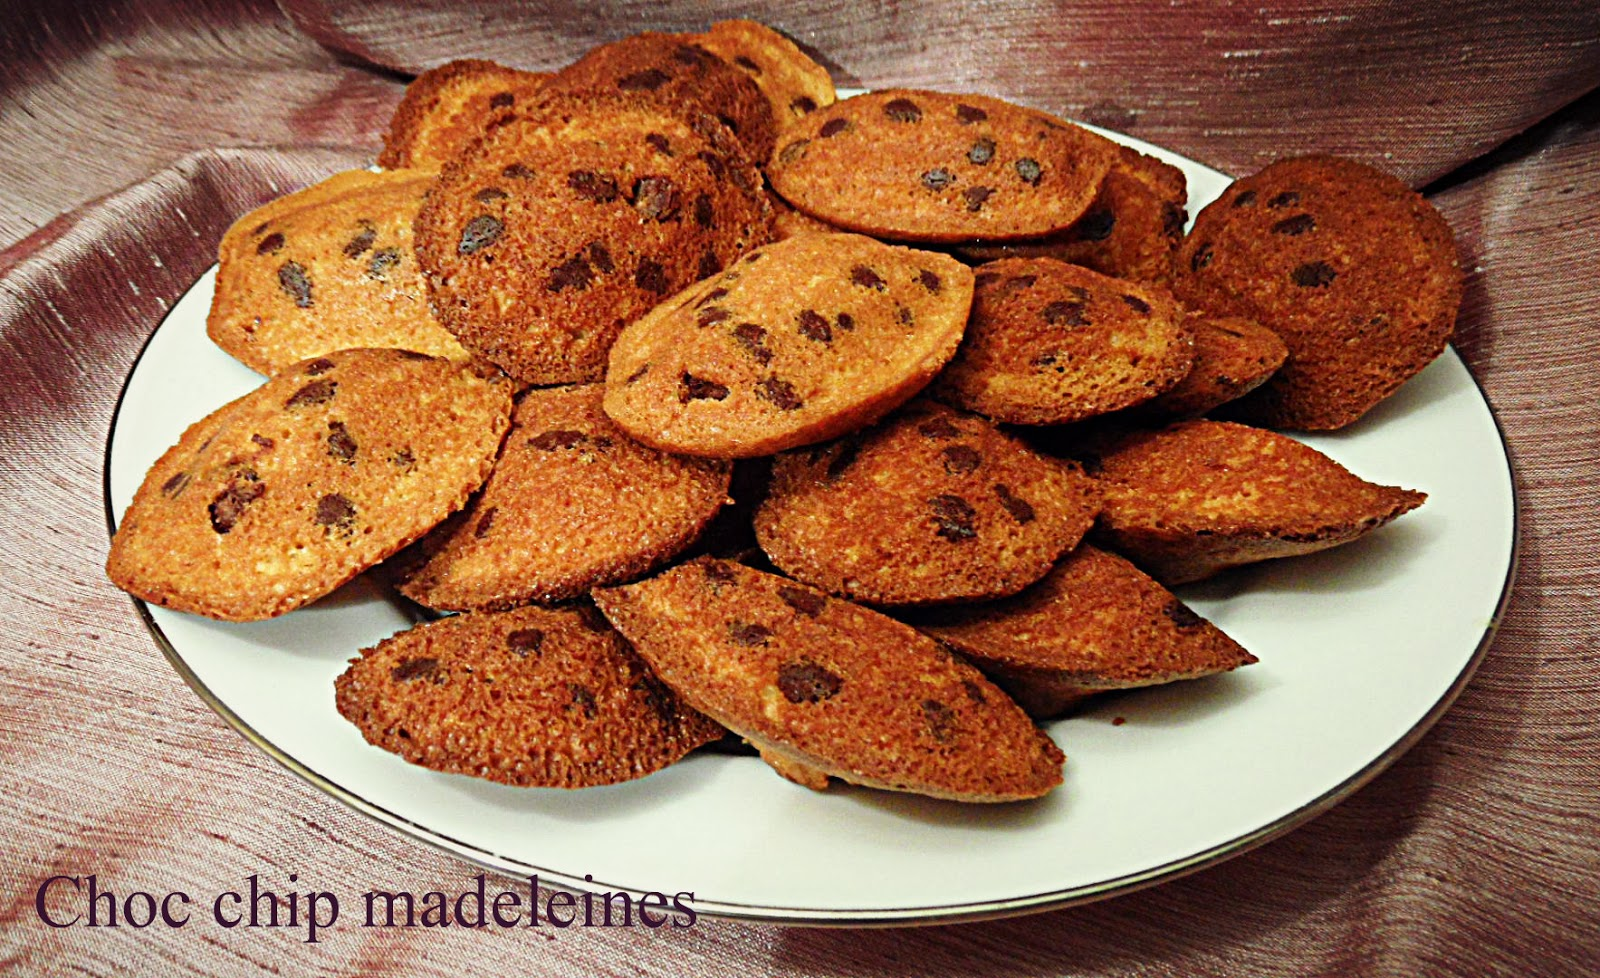 Chez Maximka: Choc chip madeleines